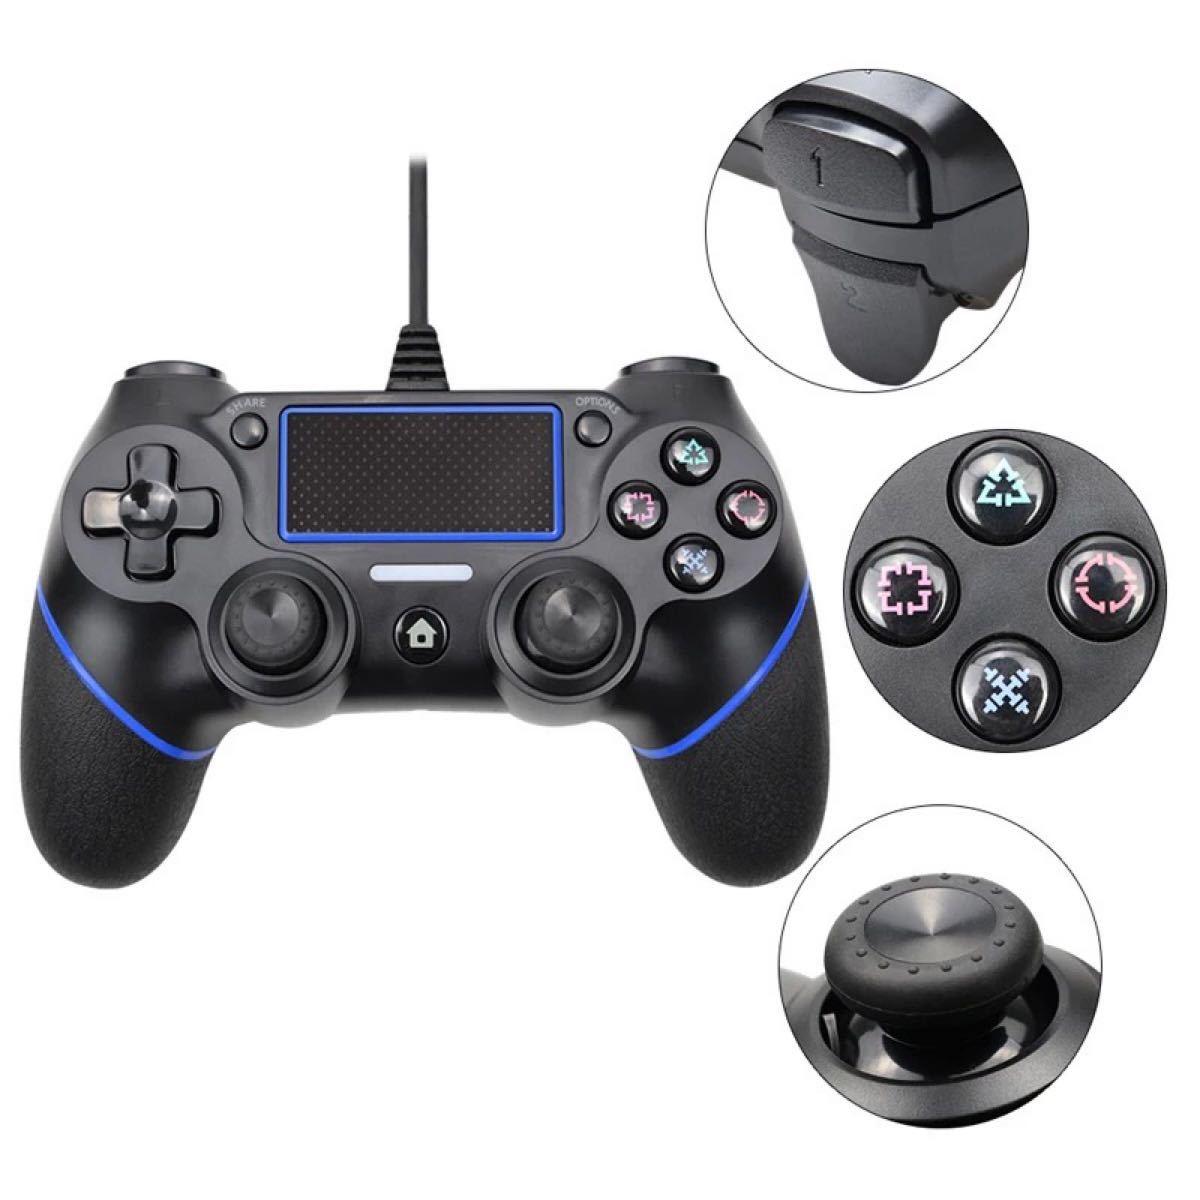 【新品】PS4コントローラー PS4 ゲームパッド有線 プレーステーション